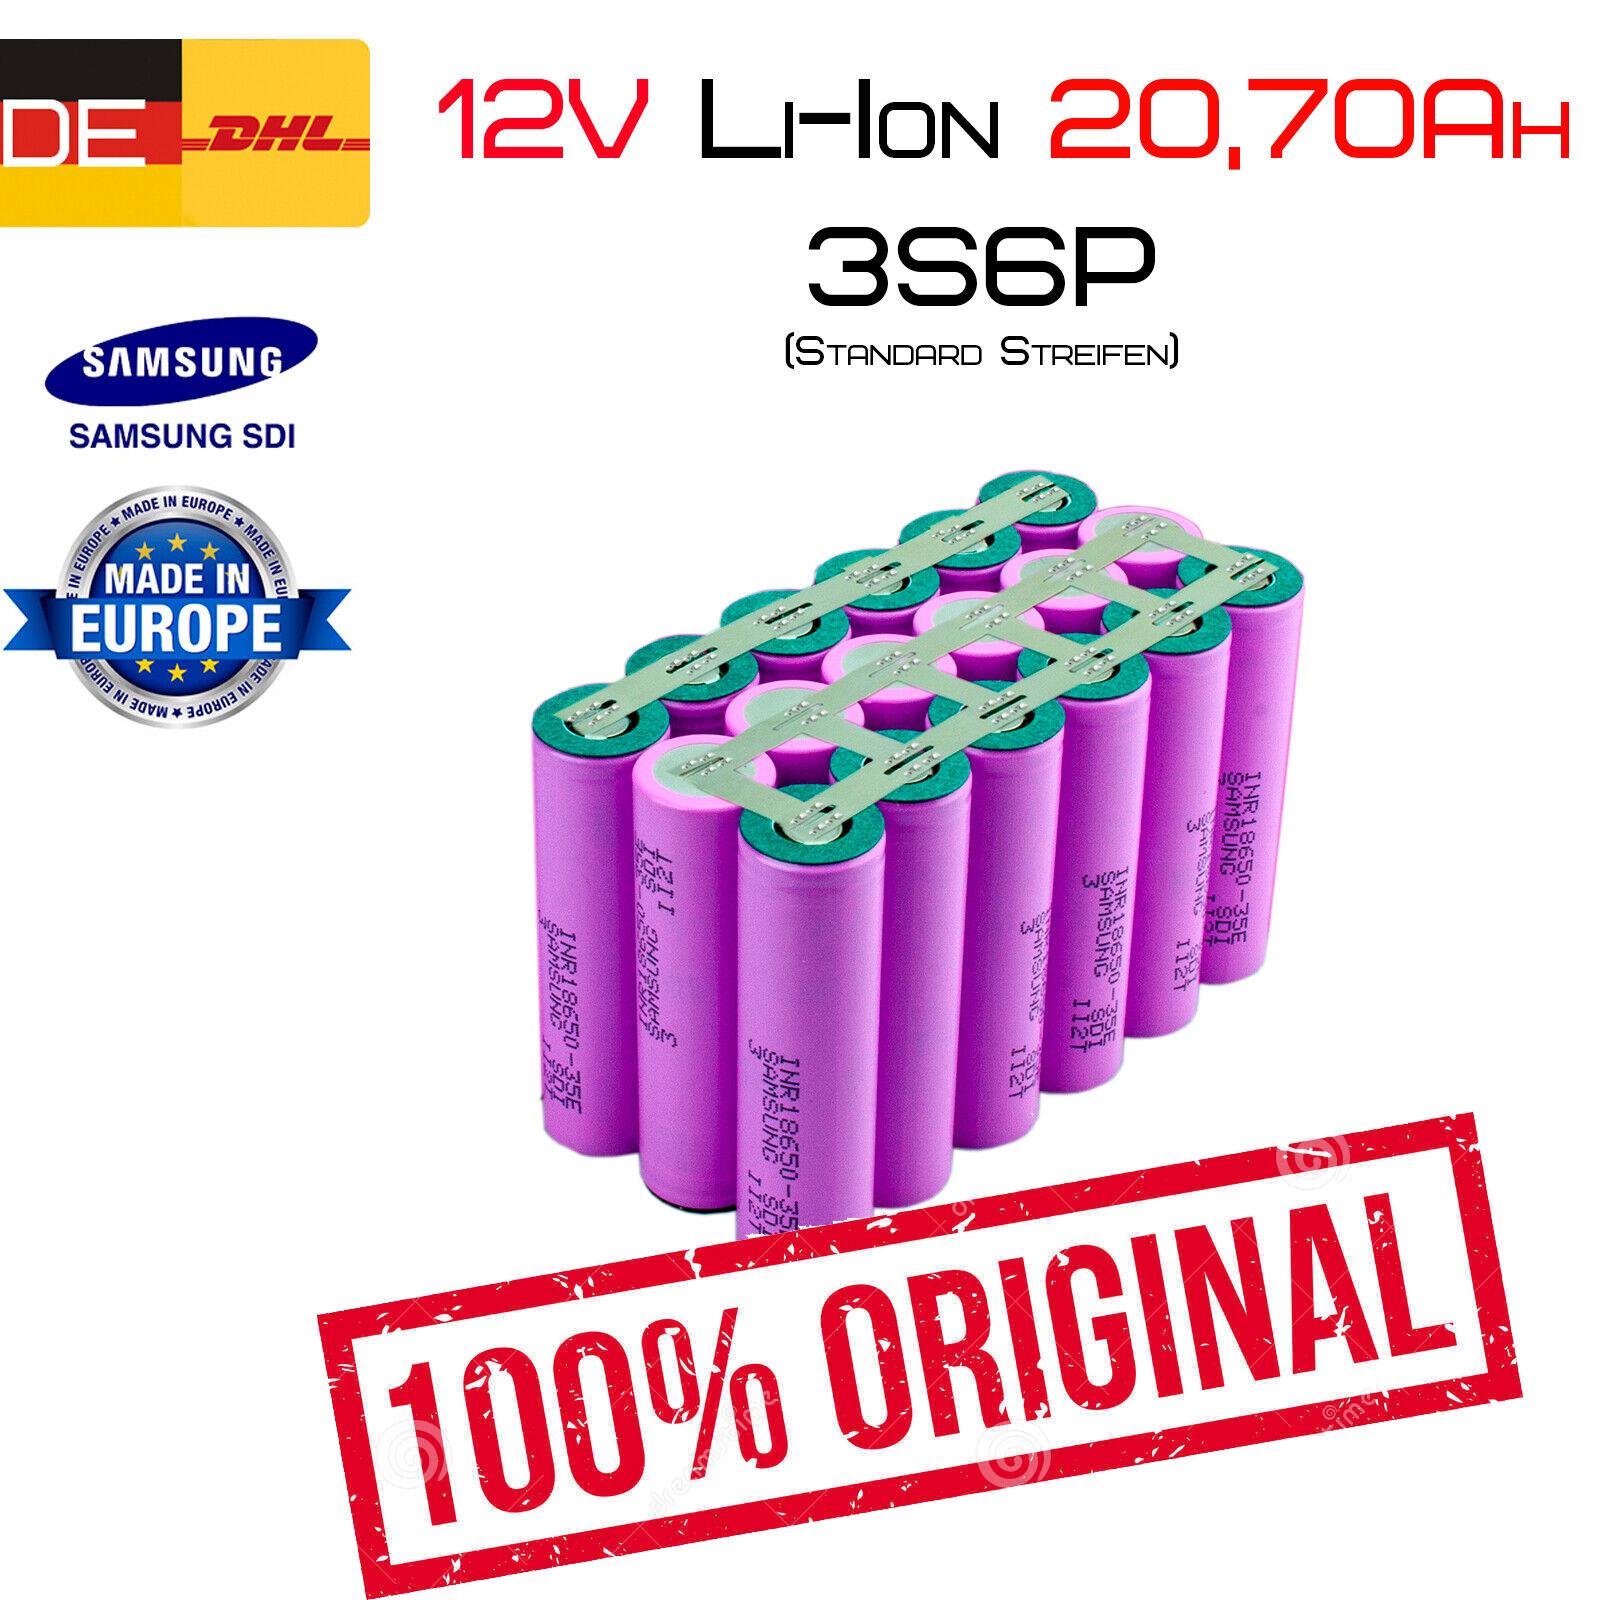 12v 20,70ah Li-ion conjuntos de baterías   3s6p   Samsung inr18650-35e